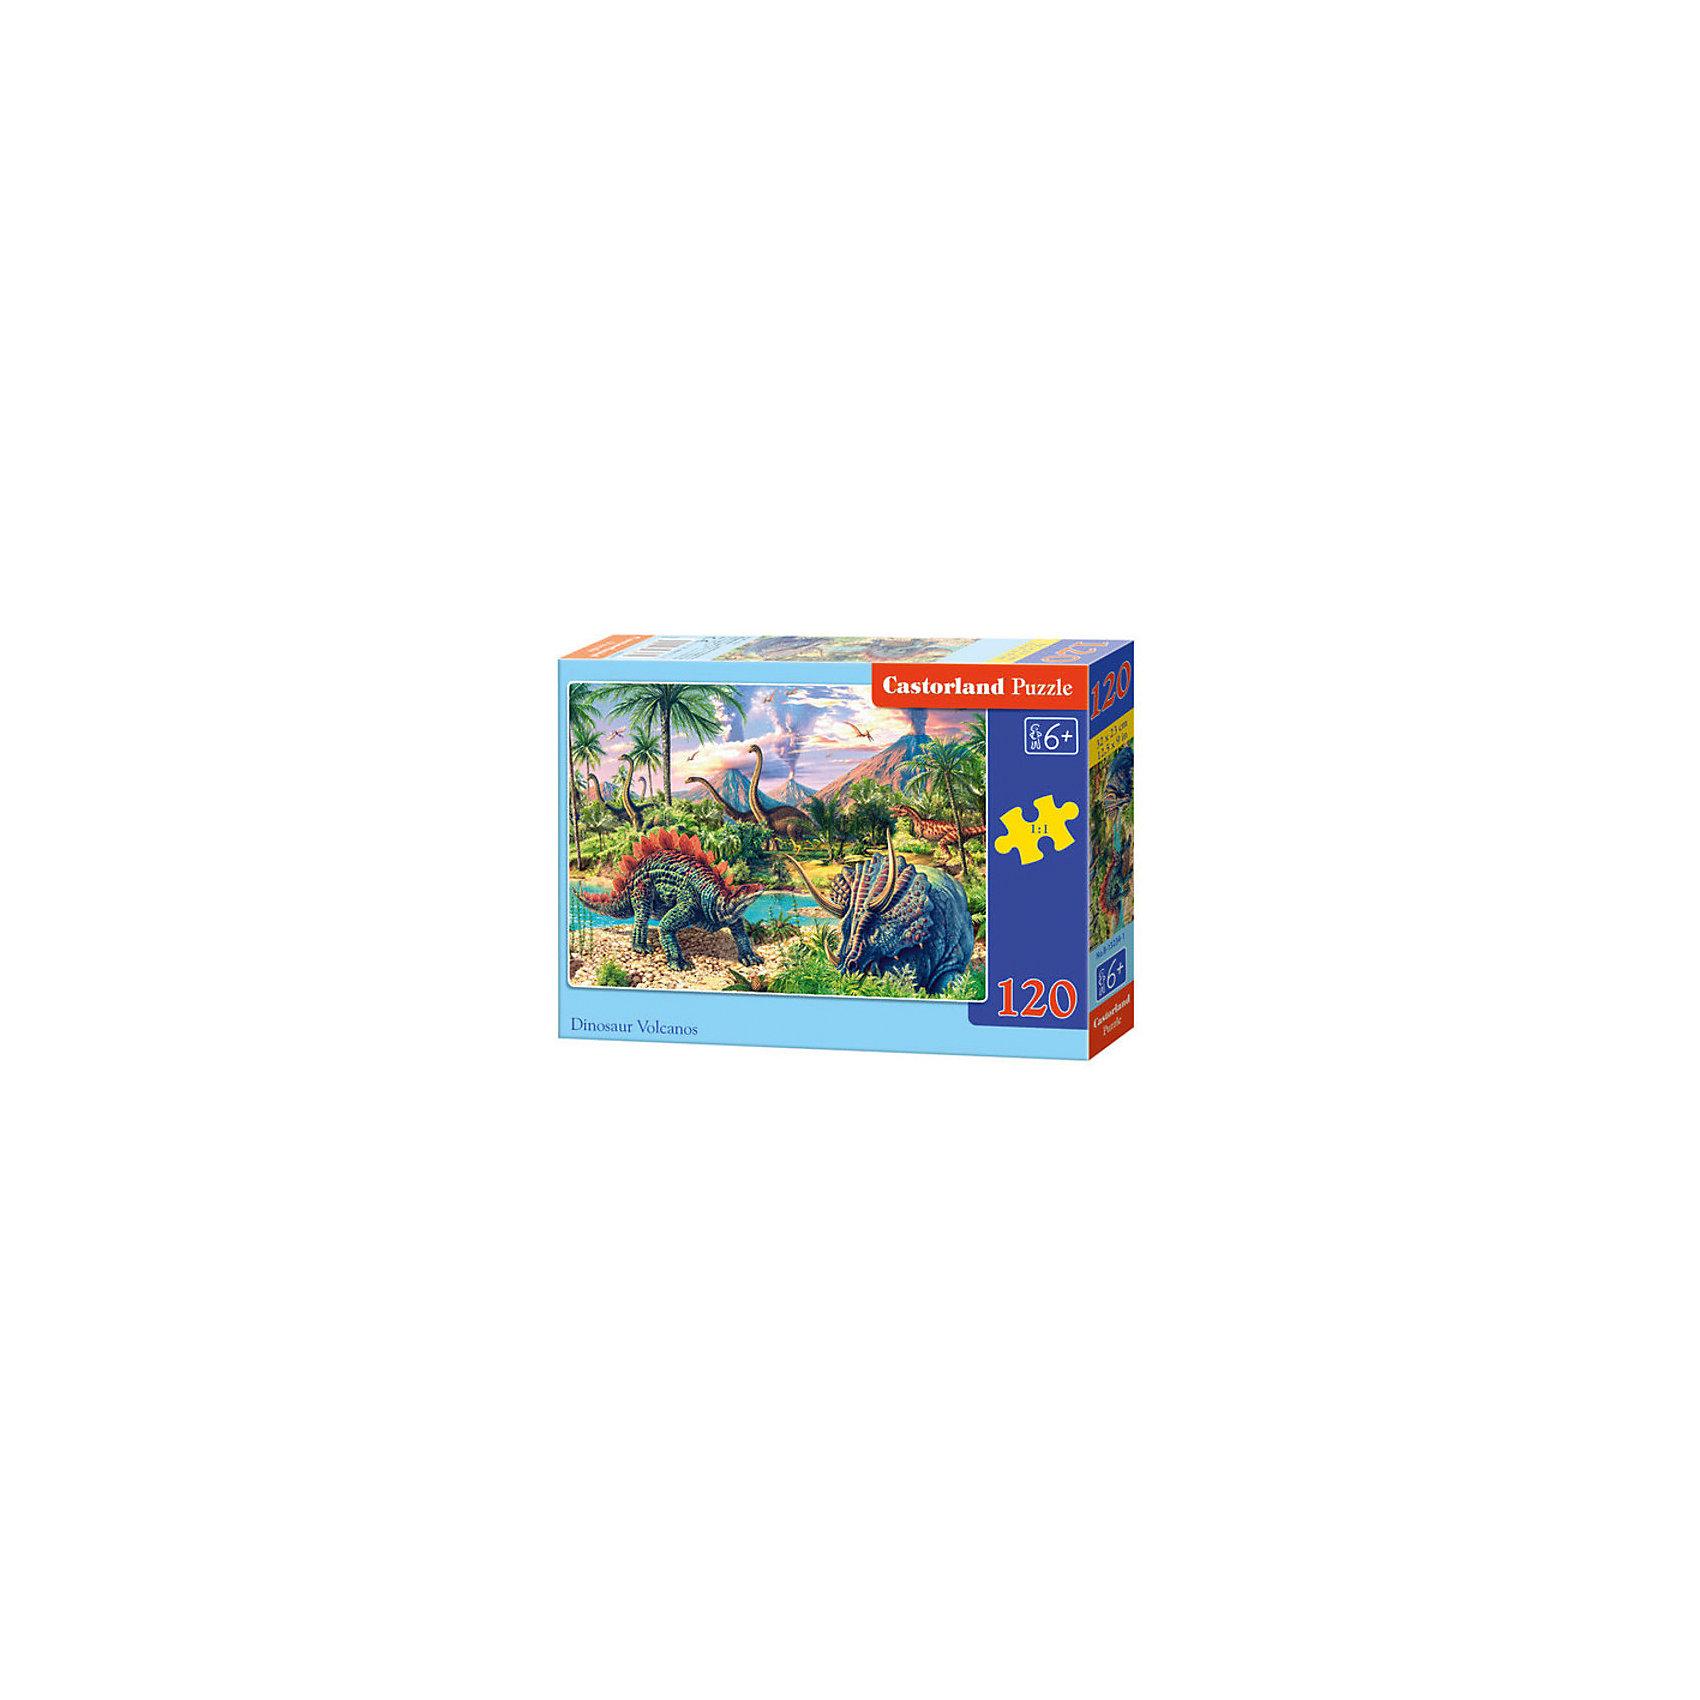 Пазл Castorland Динозавры, 120 деталейПазлы для детей постарше<br>Характеристики:<br><br>• возраст: от 6 лет<br>• количество деталей: 120 шт.<br>• размер собранного пазла: 32х23 см.<br>• материал: картон<br>• упаковка: картонная коробка<br>• размер упаковки: 17,5x3,7x13 см.<br>• вес: 300 гр.<br>• страна обладатель бренда: Польша<br><br>Пазл «Динозавры» от Castorland (Касторленд) отличается высоким качеством, высоким уровнем полиграфии, насыщенными цветами и идеальной стыковкой элементов. Из 120 элементов пазла ребенок соберет красочную картинку, на которой изображены динозавры на фоне величественных гор и пышной растительности.<br><br>Пазл Динозавры, 120 деталей, Castorland (Касторленд) можно купить в нашем интернет-магазине.<br><br>Ширина мм: 175<br>Глубина мм: 130<br>Высота мм: 37<br>Вес г: 300<br>Возраст от месяцев: 72<br>Возраст до месяцев: 2147483647<br>Пол: Унисекс<br>Возраст: Детский<br>SKU: 6725096